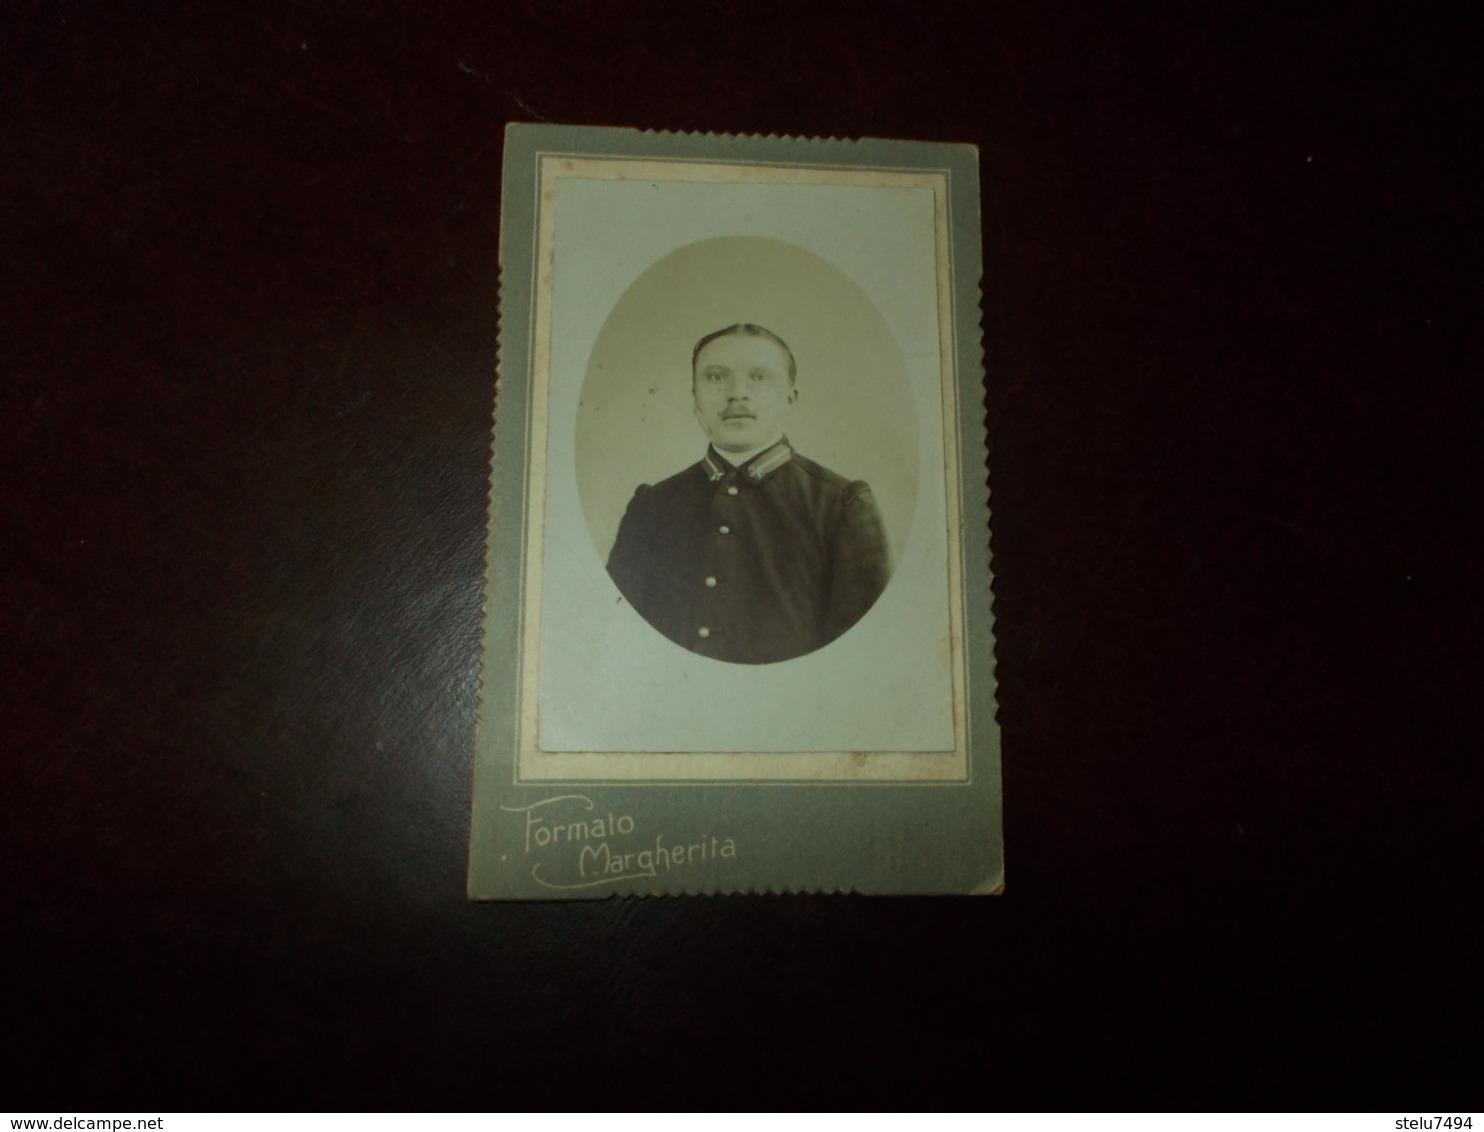 B655  Foto  Cartonata Militare Cm14x8circa Leggera Screpolatura E Pieghine - Foto